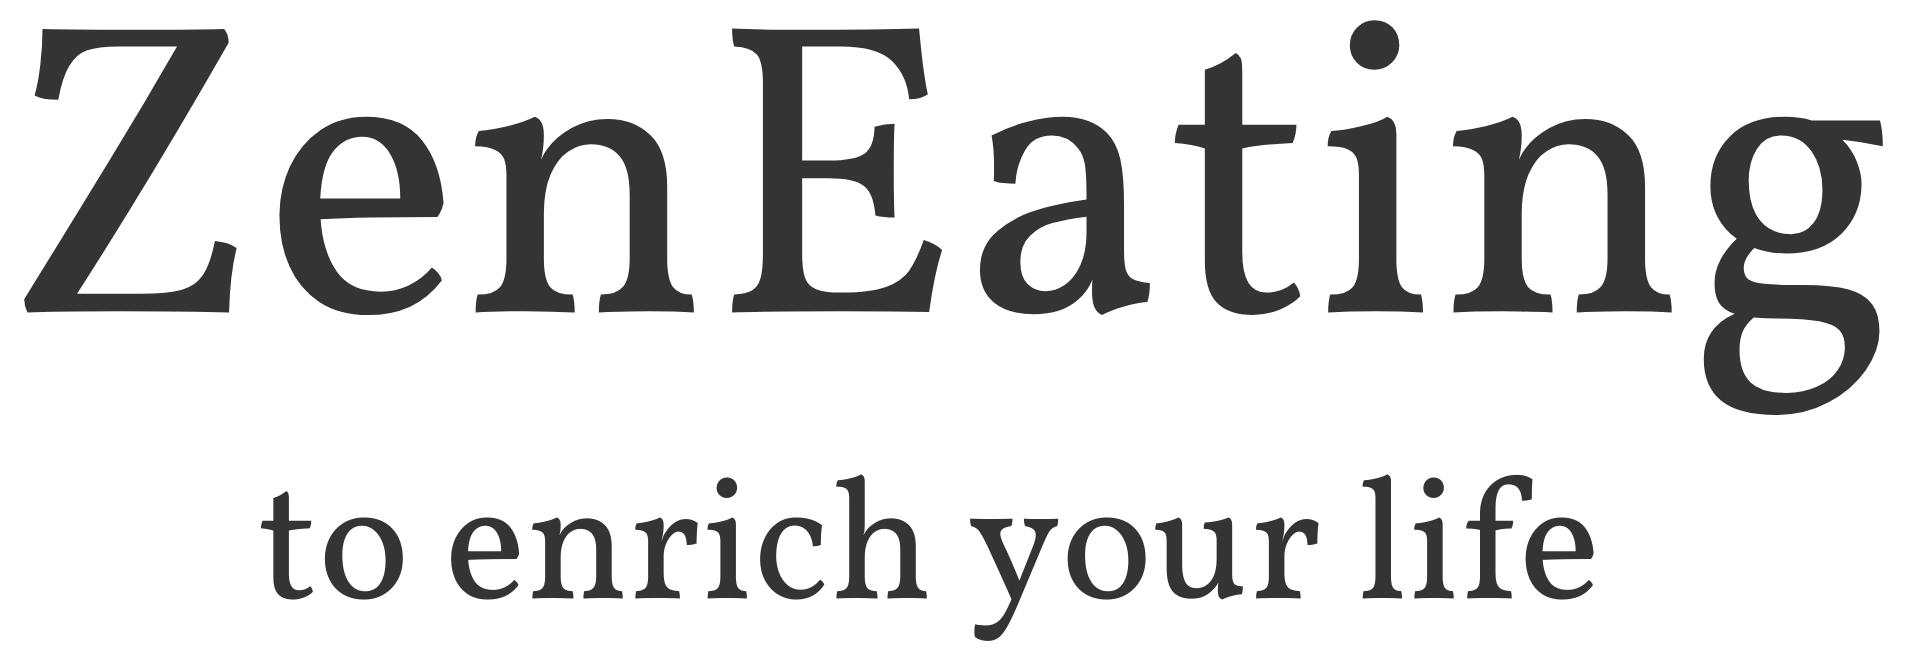 Zen Eating